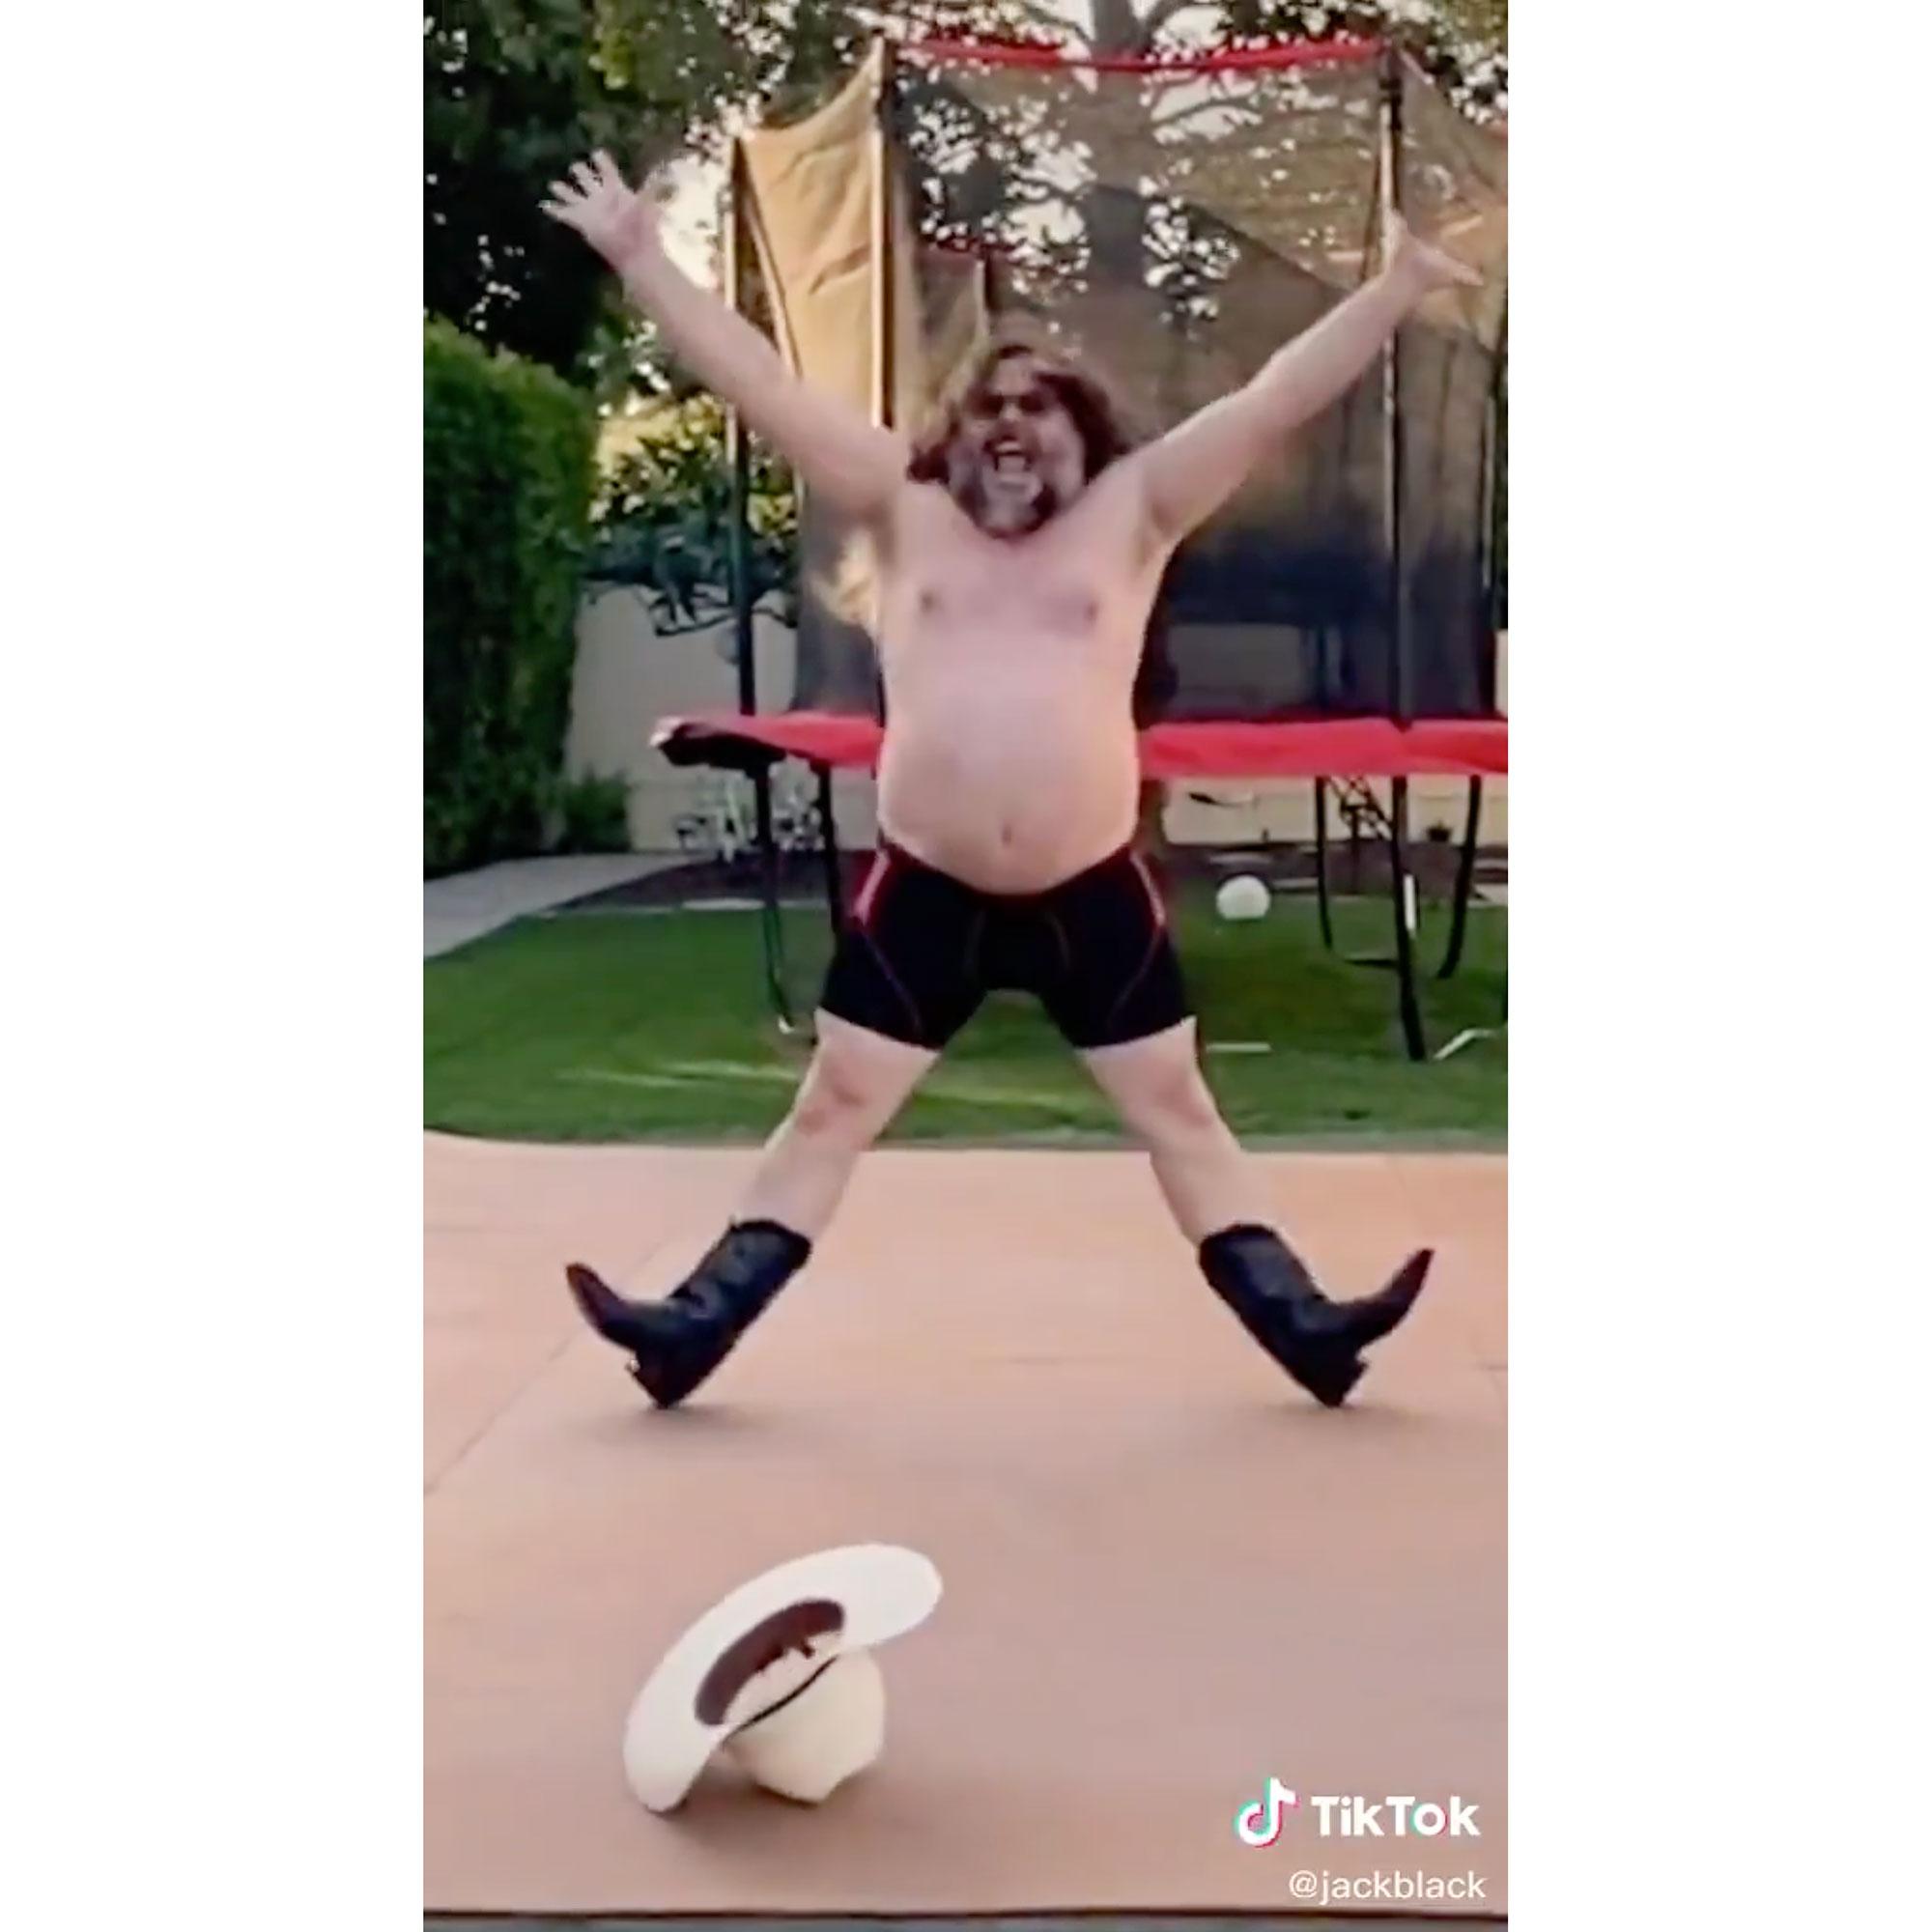 Jack Black Makes His Shirtless TikTok Debut